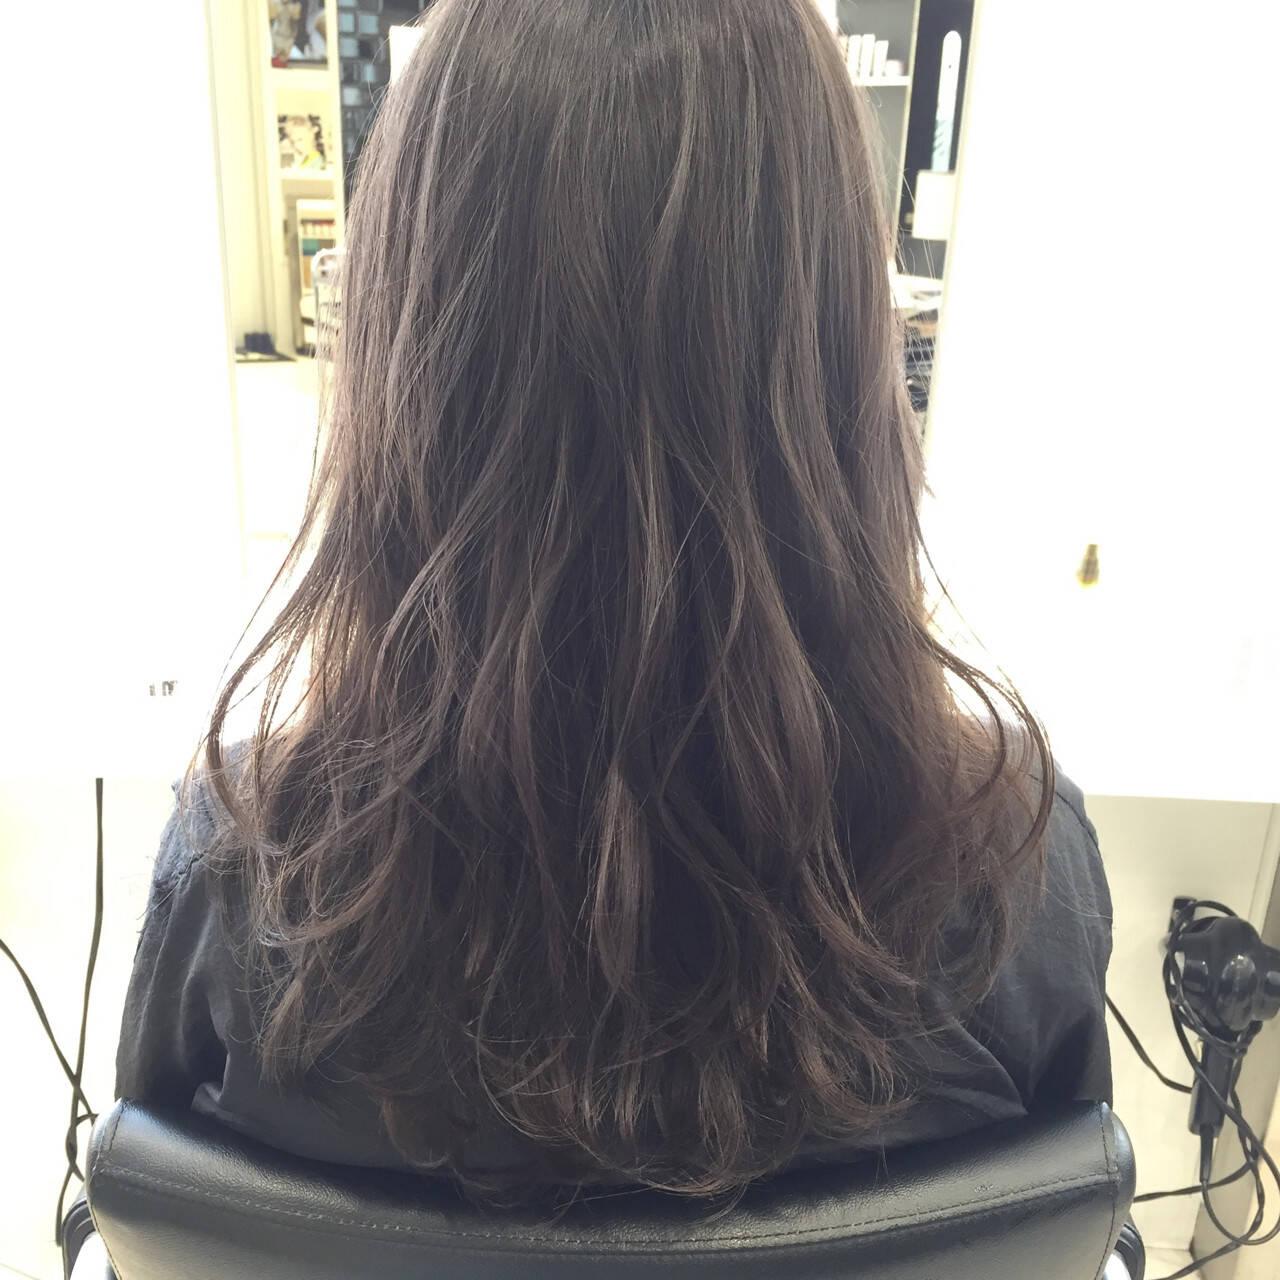 ハイトーン モード アッシュ セミロングヘアスタイルや髪型の写真・画像